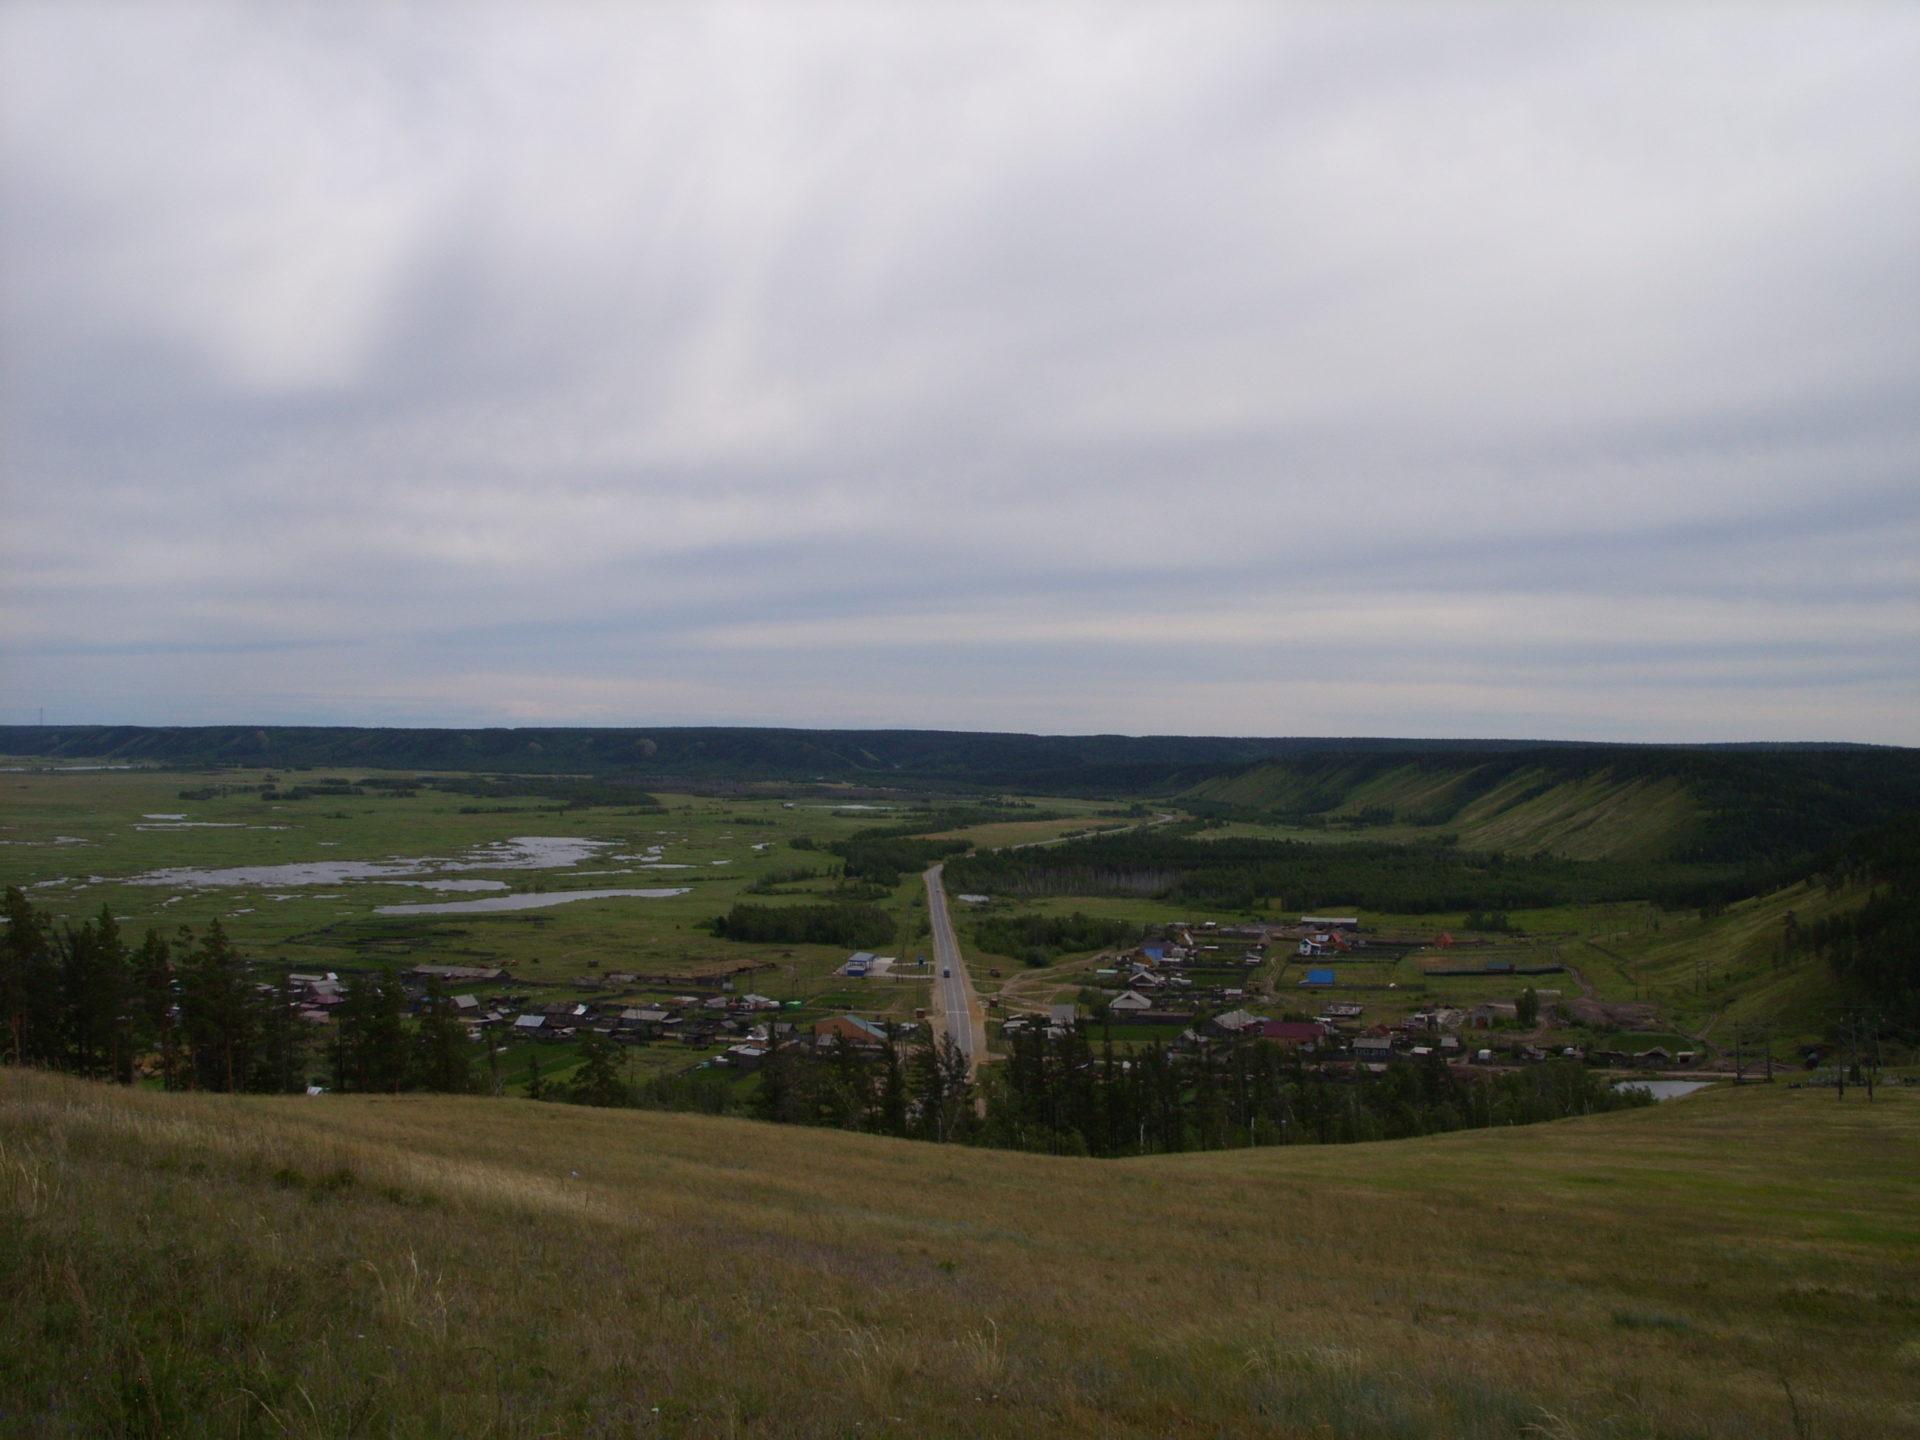 Решение о местоположении нового кладбища города Якутска будет принято по итогам общественных слушаний